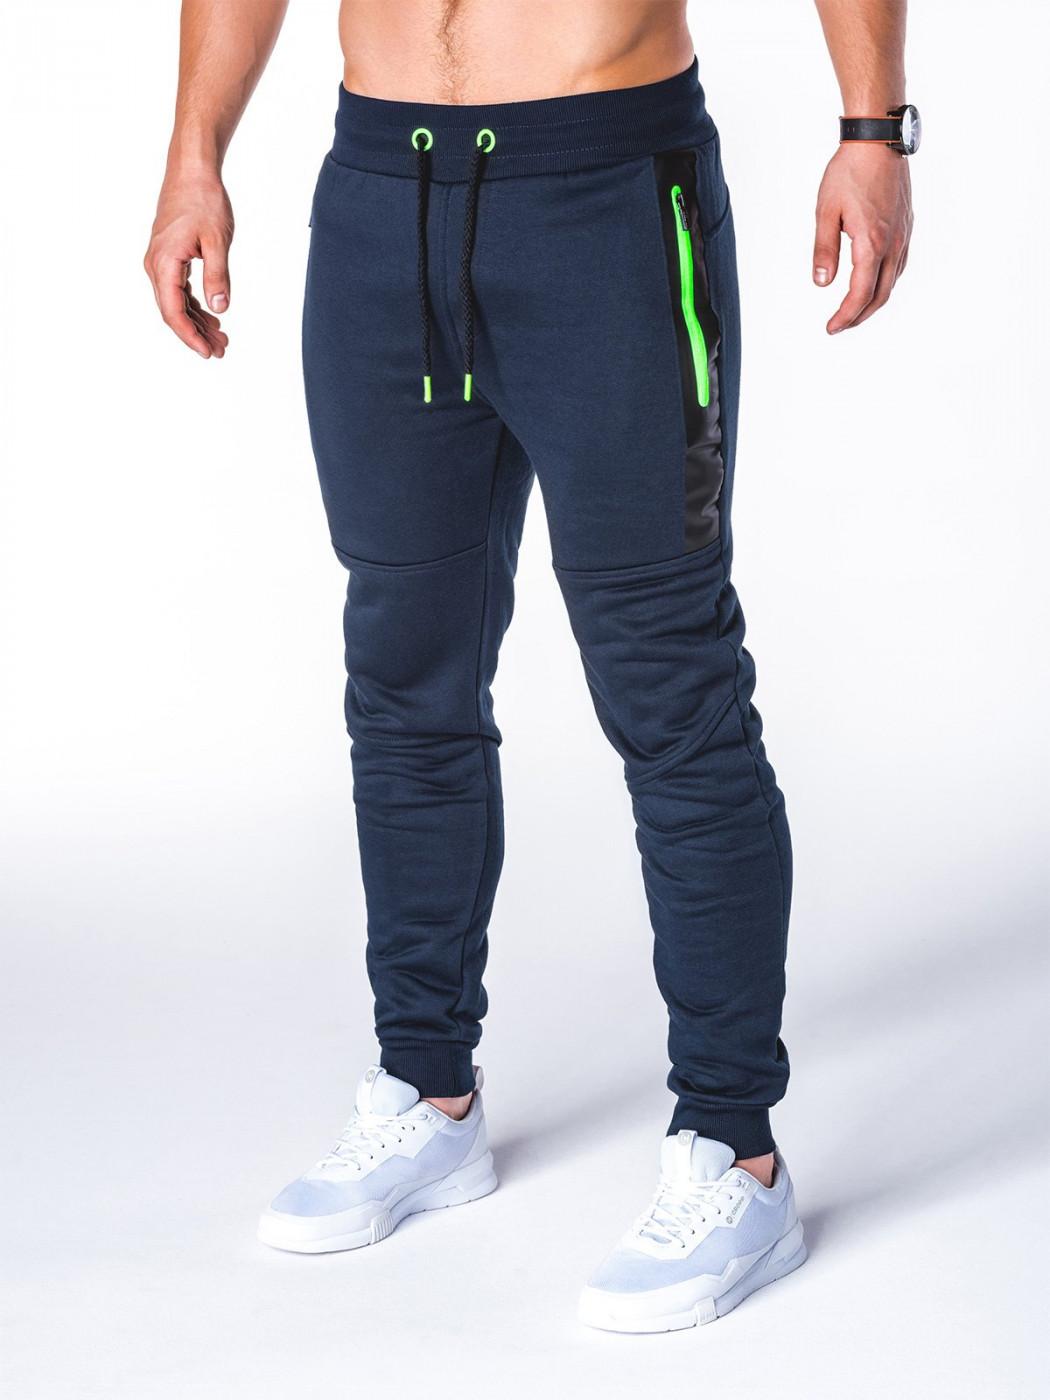 Ombre Clothing Men's sweatpants P657